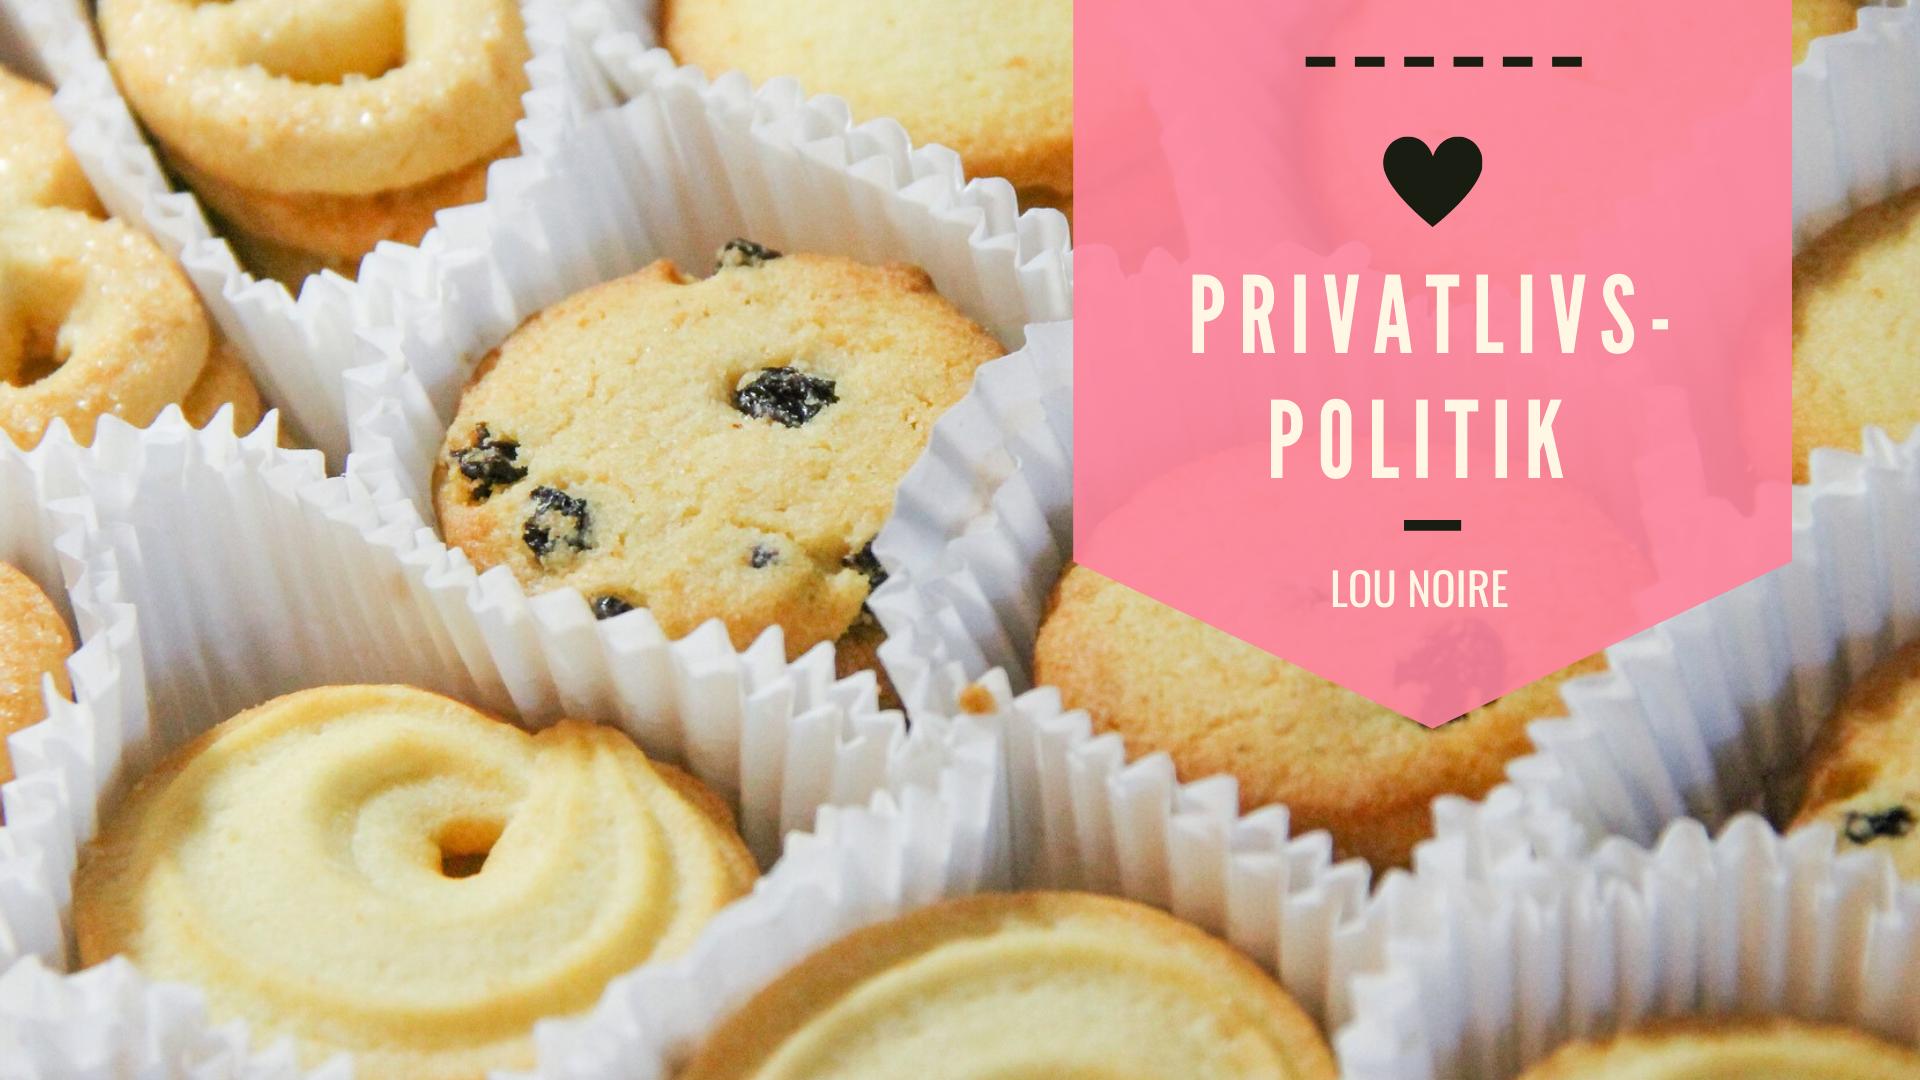 Privatlivspolitik